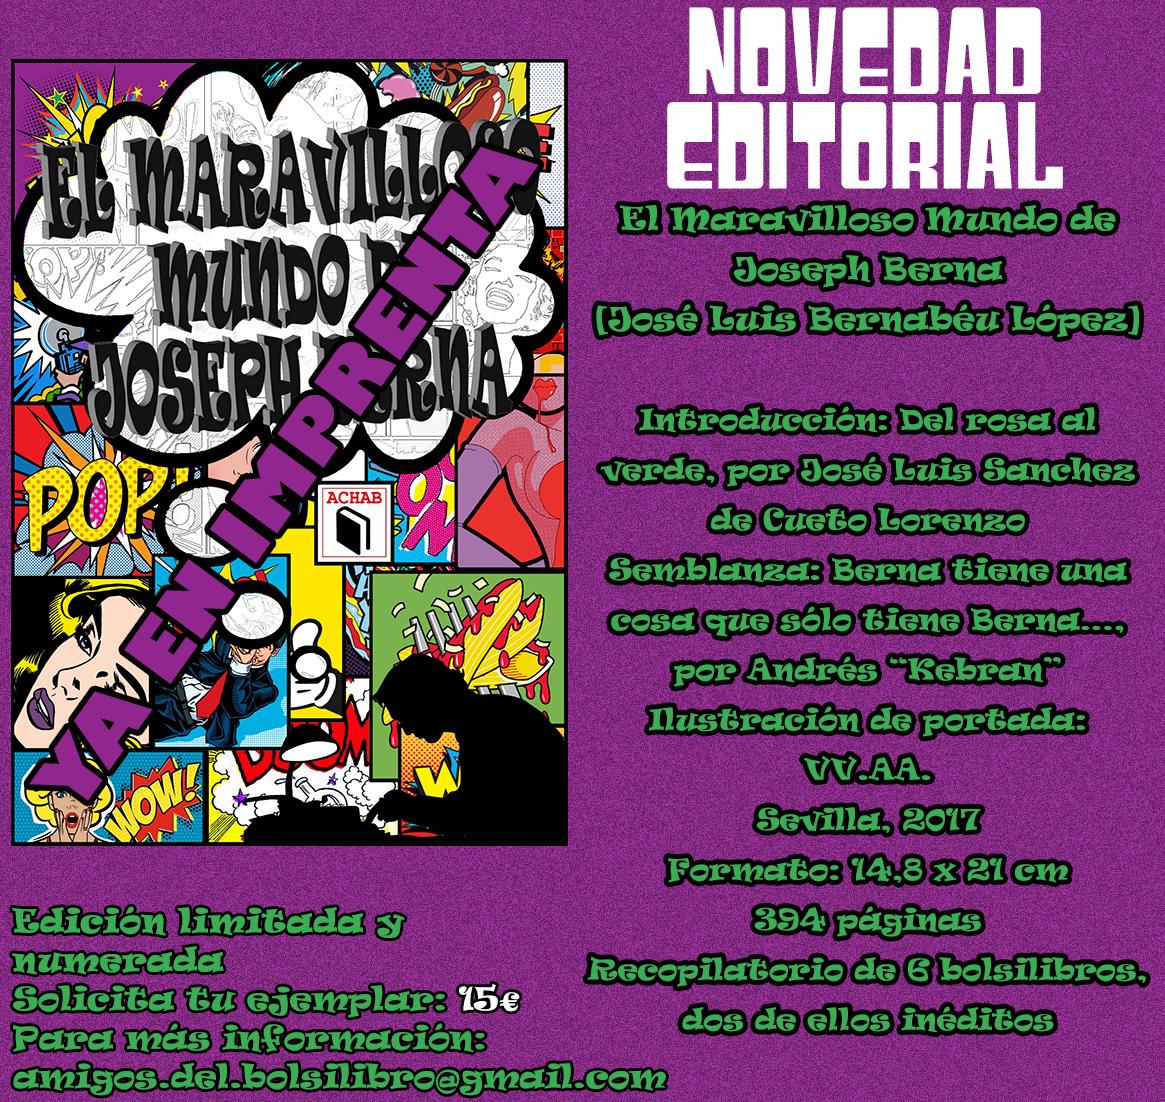 EL MARAVILLOSO MUNDO DE JOSEPH BERNA